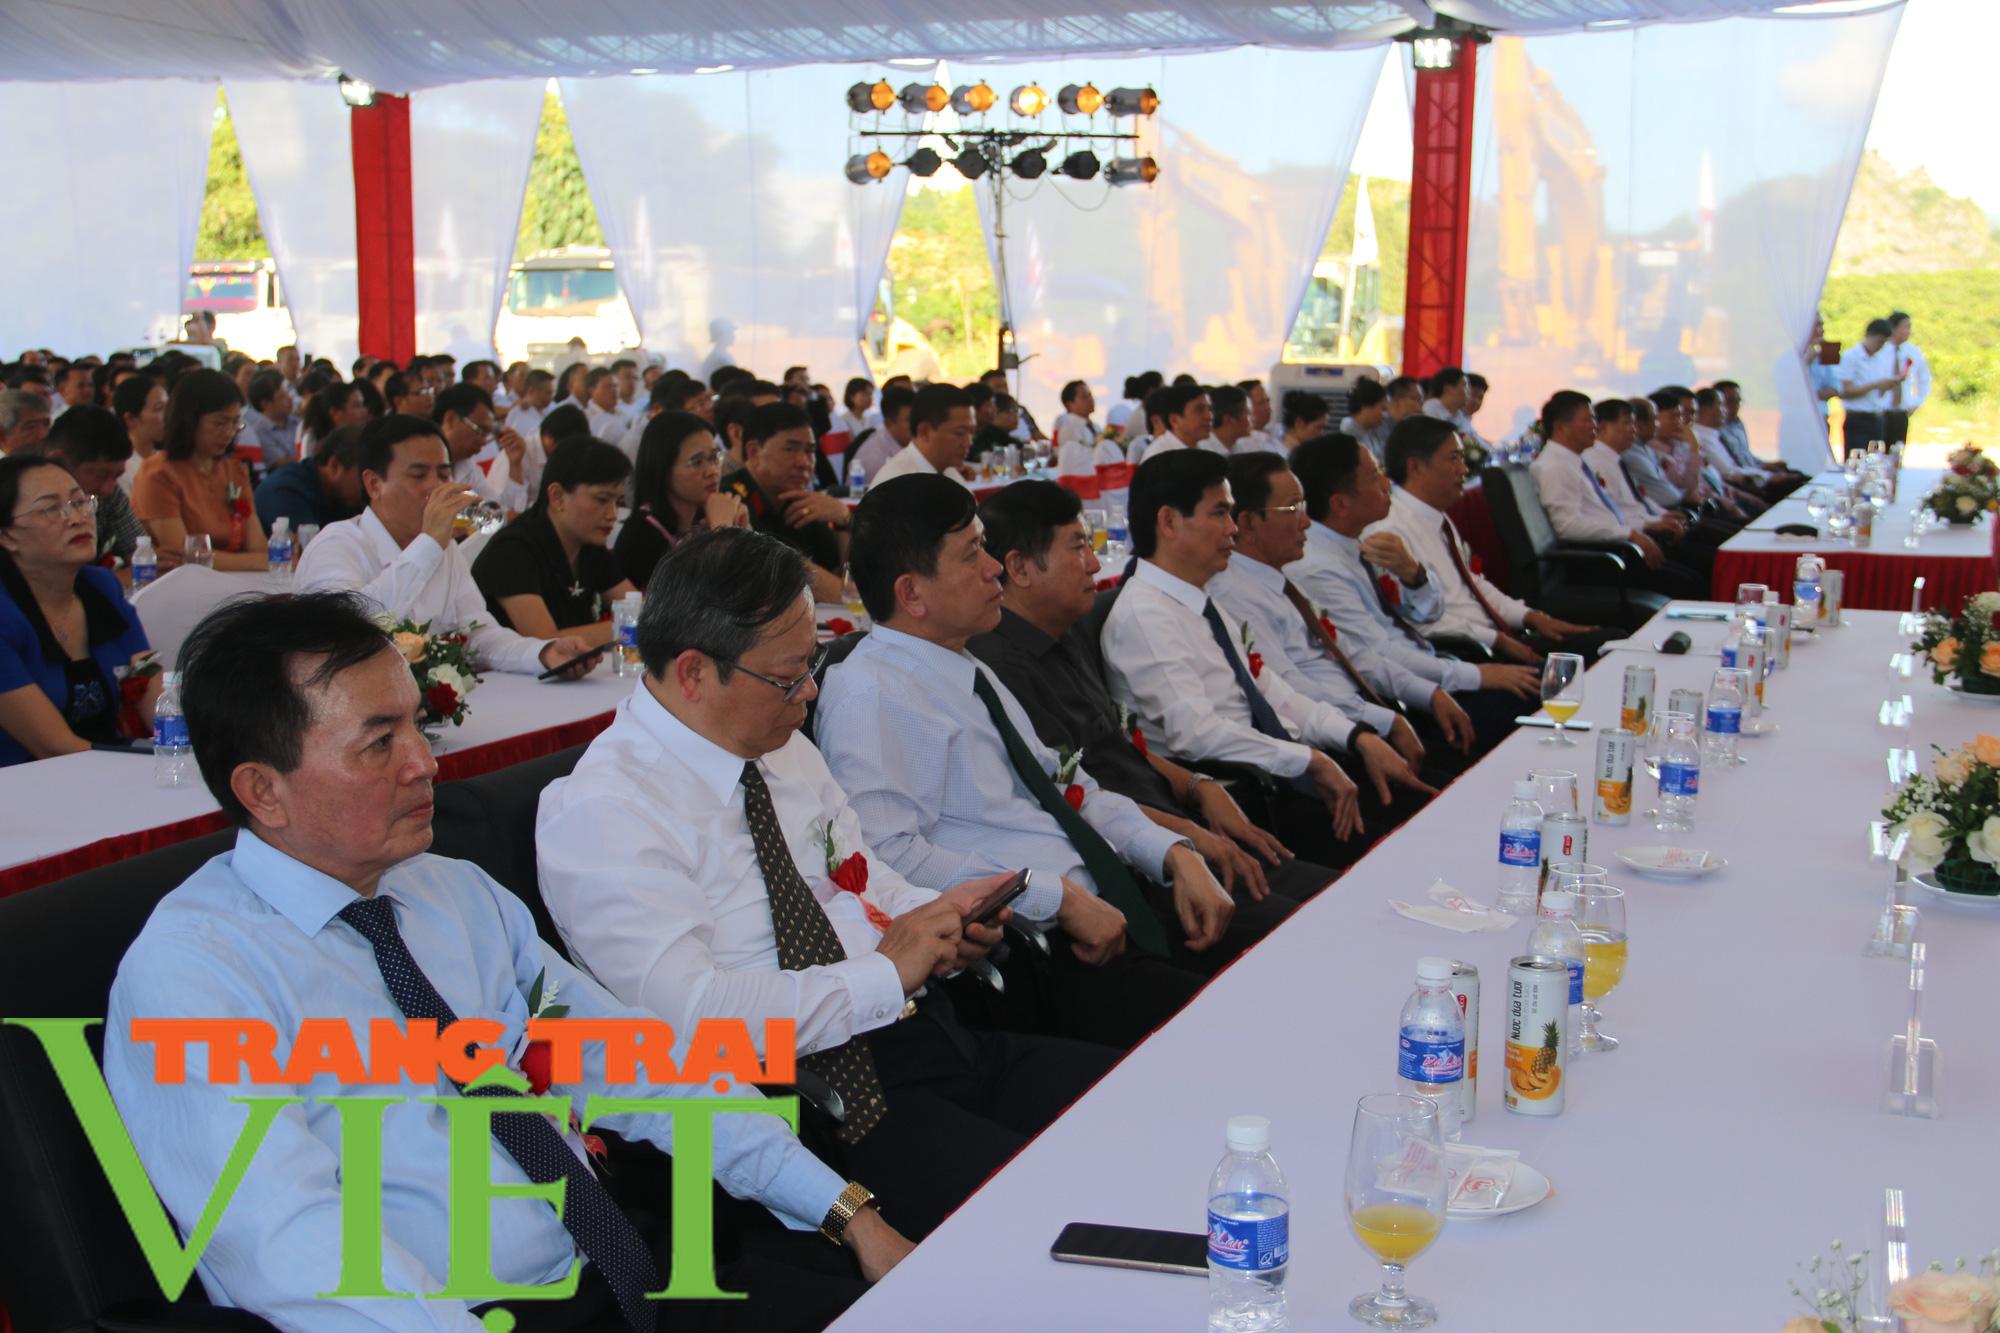 Sơn La: Xây dựng trung tâm chế biến rau, quả tại huyện Mai Sơn - Ảnh 2.